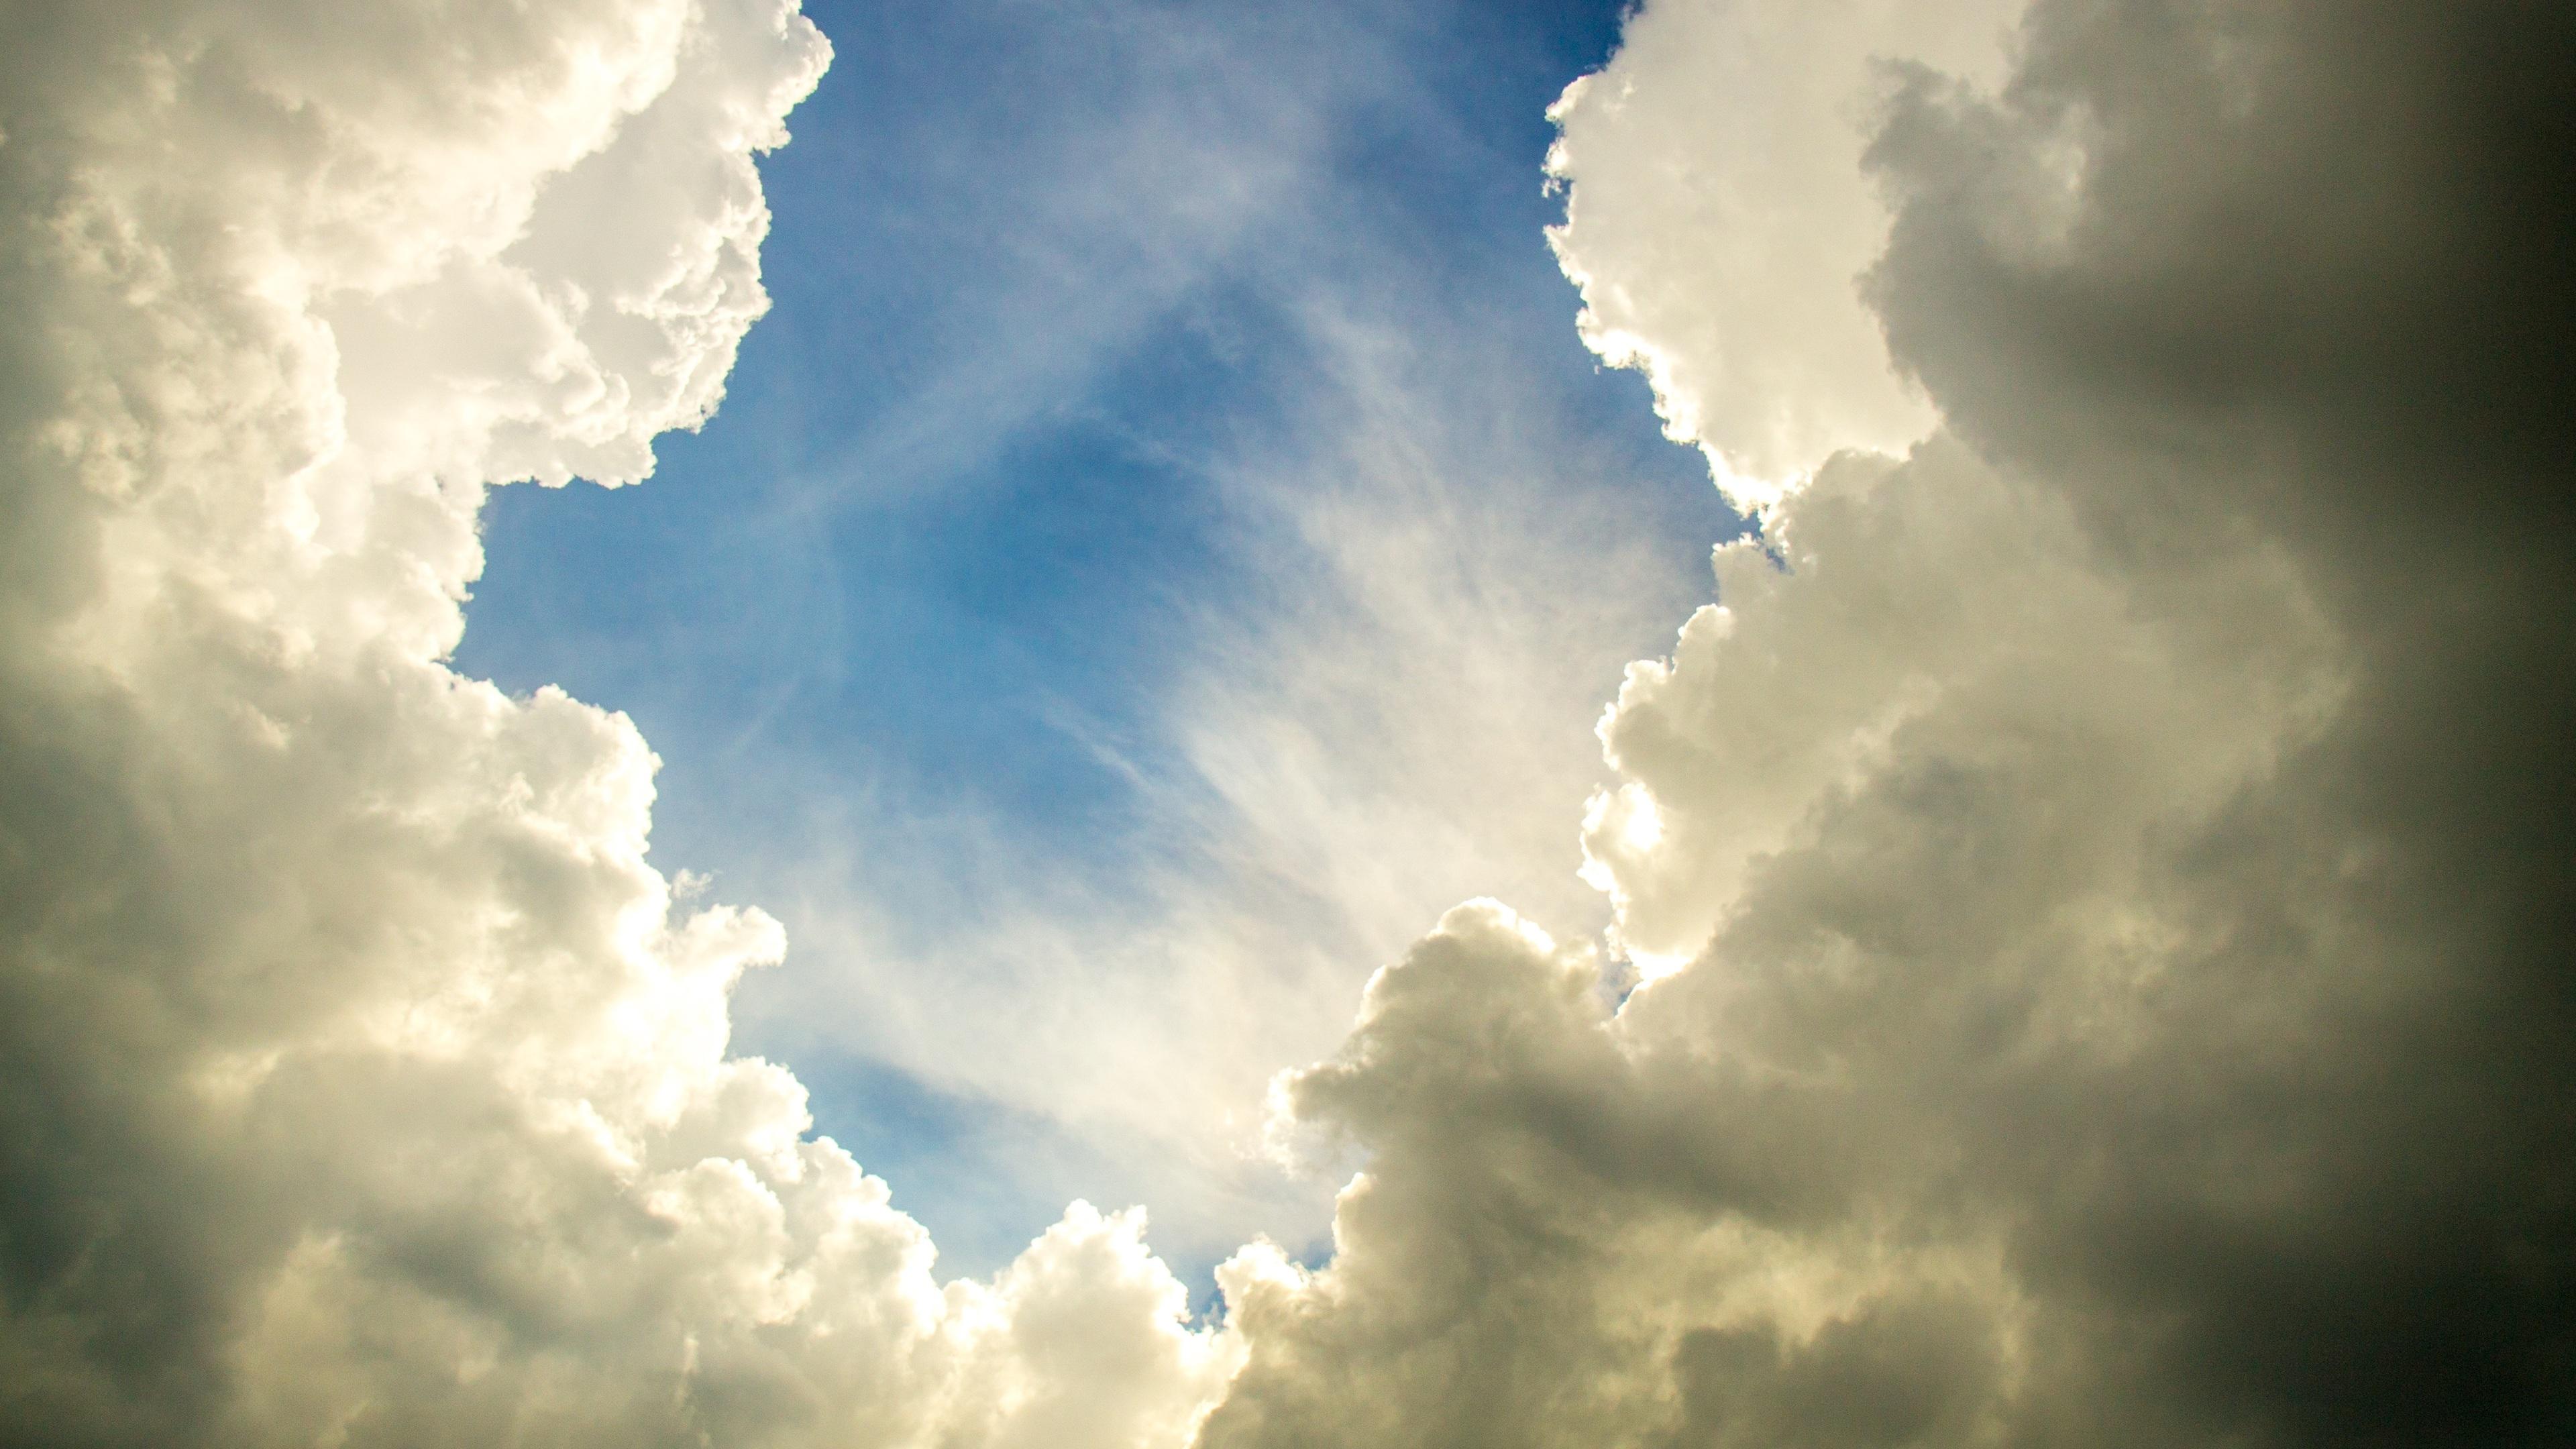 clean clouds sky 4k 1540139303 - Clean Clouds Sky 4k - sky wallpapers, nature wallpapers, hd-wallpapers, clouds wallpapers, 4k-wallpapers